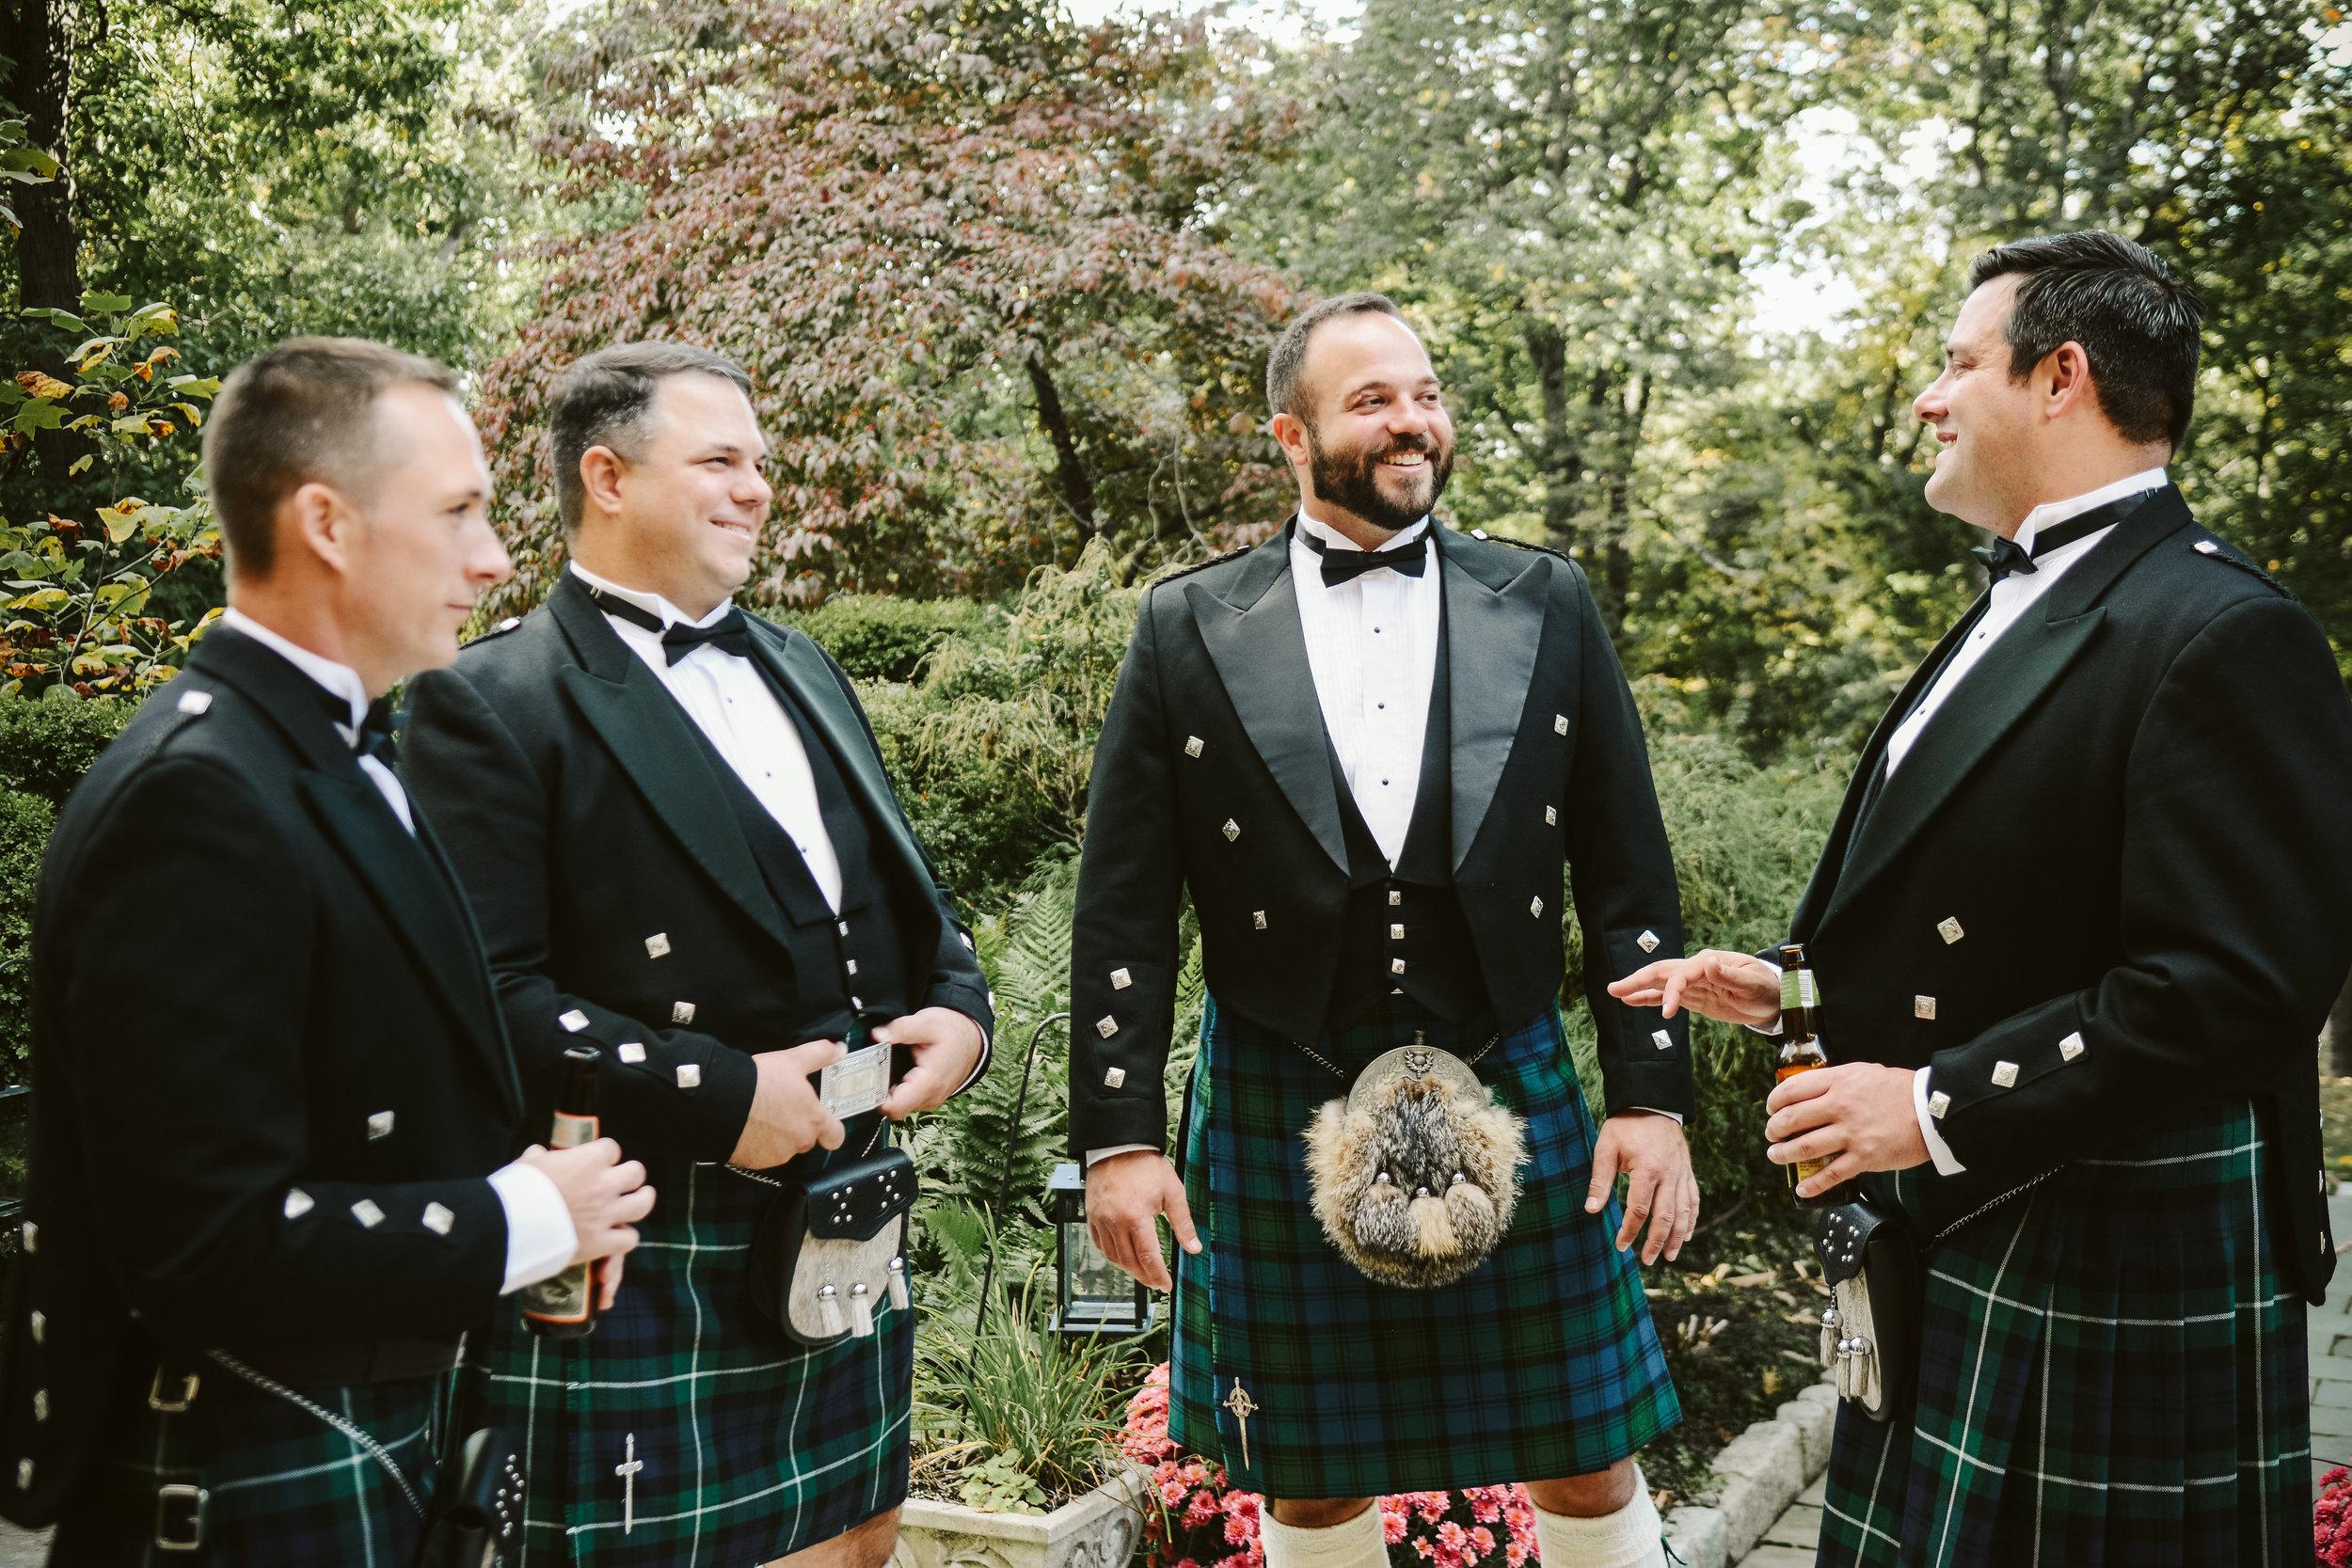 adrienne and greg's wedding 2018 edits-22.jpg